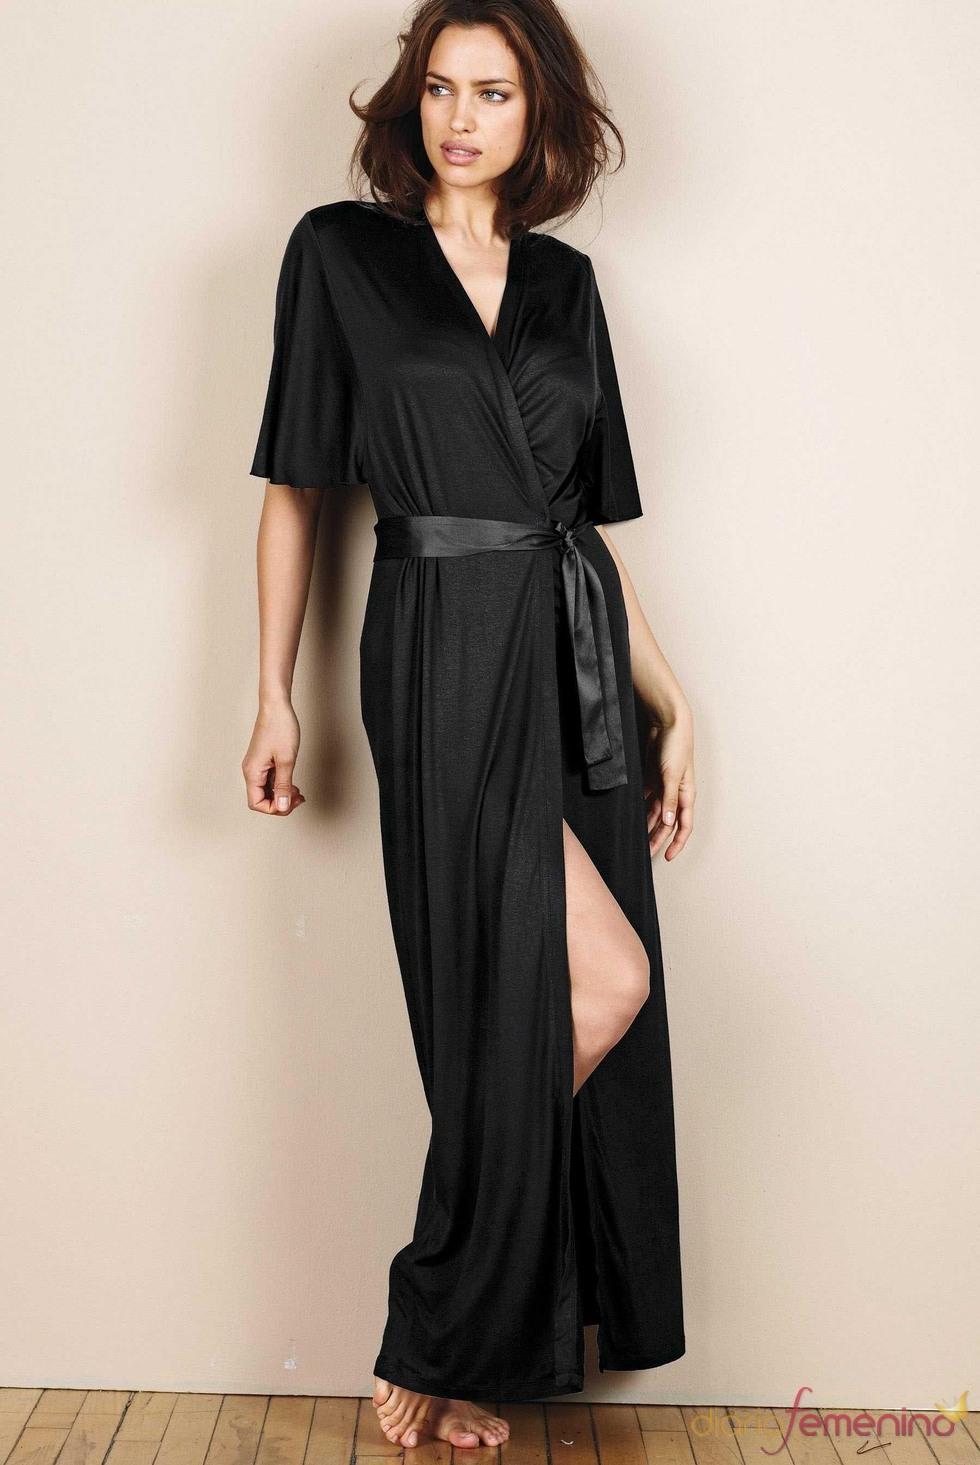 Irina Shayk con una bata de la colección otoño/invierno 2011/12 de Next